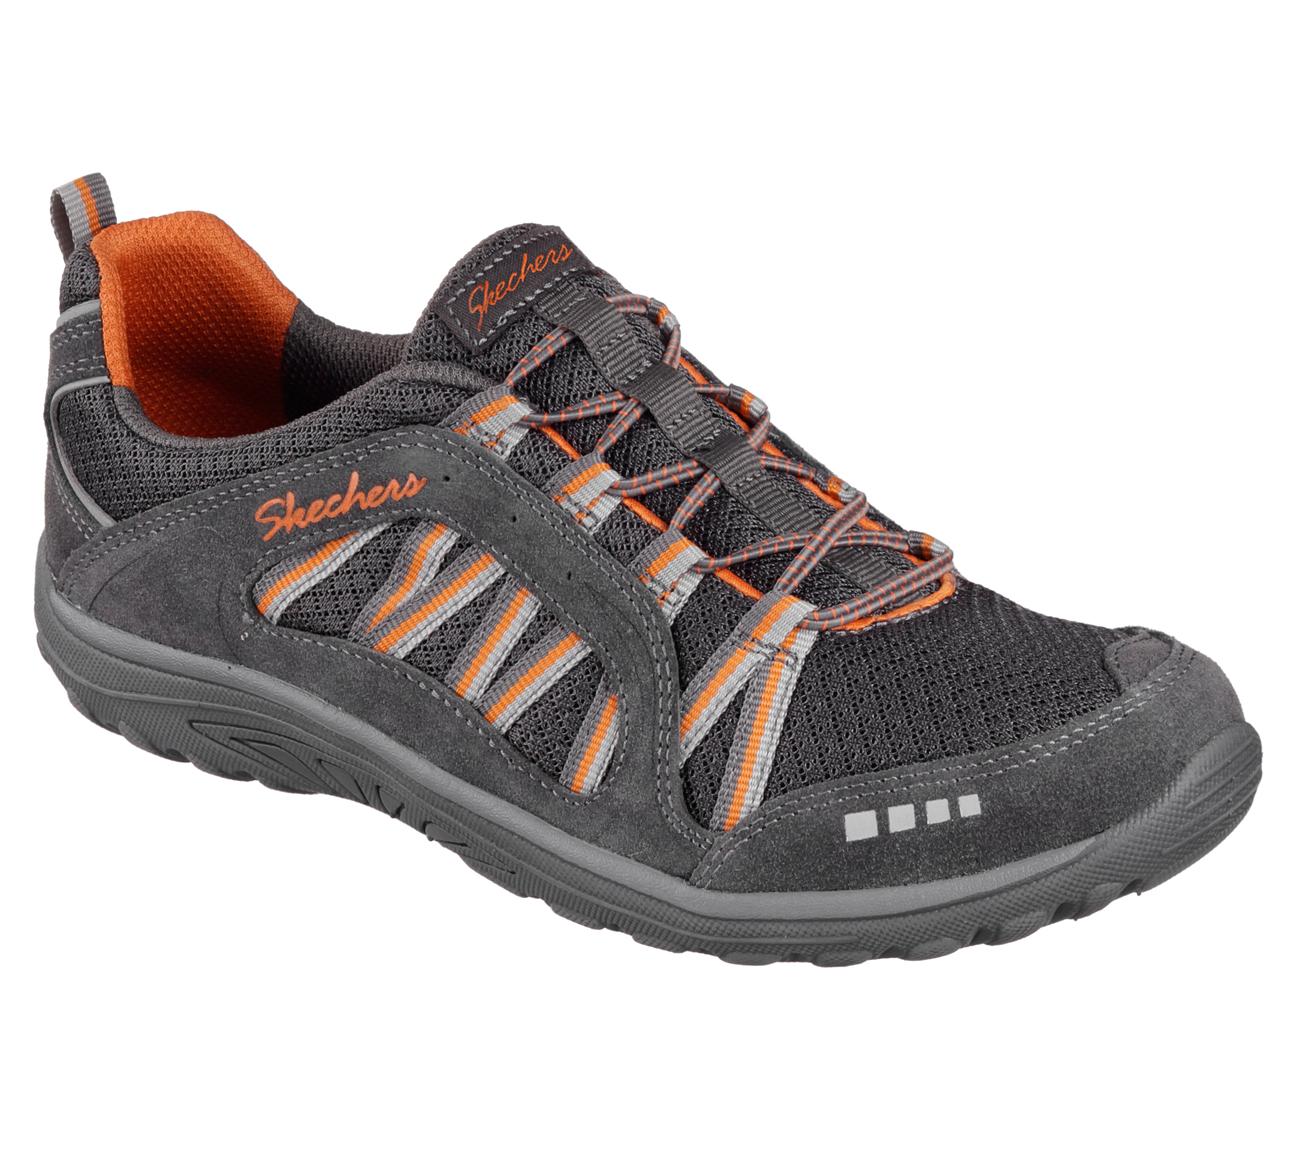 NEU SKECHERS Damen Sneakers Slipper Memory Foam DREAMCHASER ROMANTIC TRAIL Grau